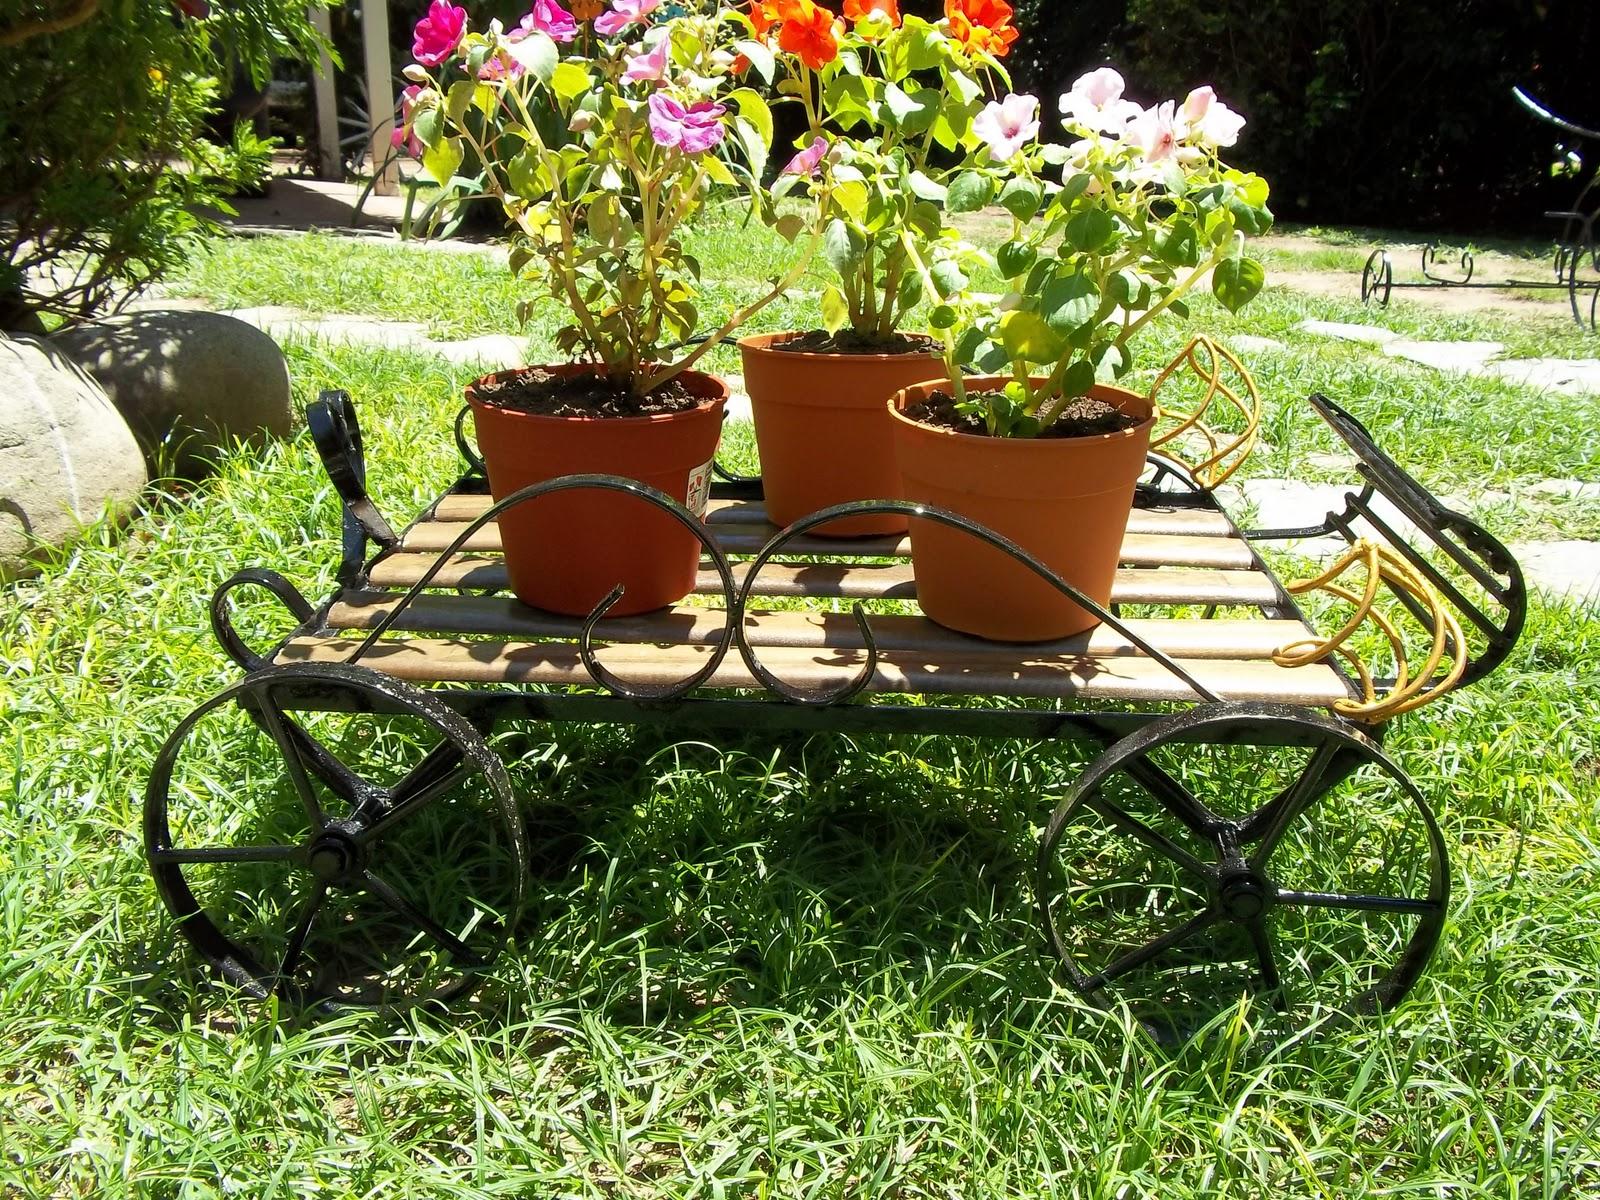 Herreria artistica articulos de jardin - Accesorios de jardin ...